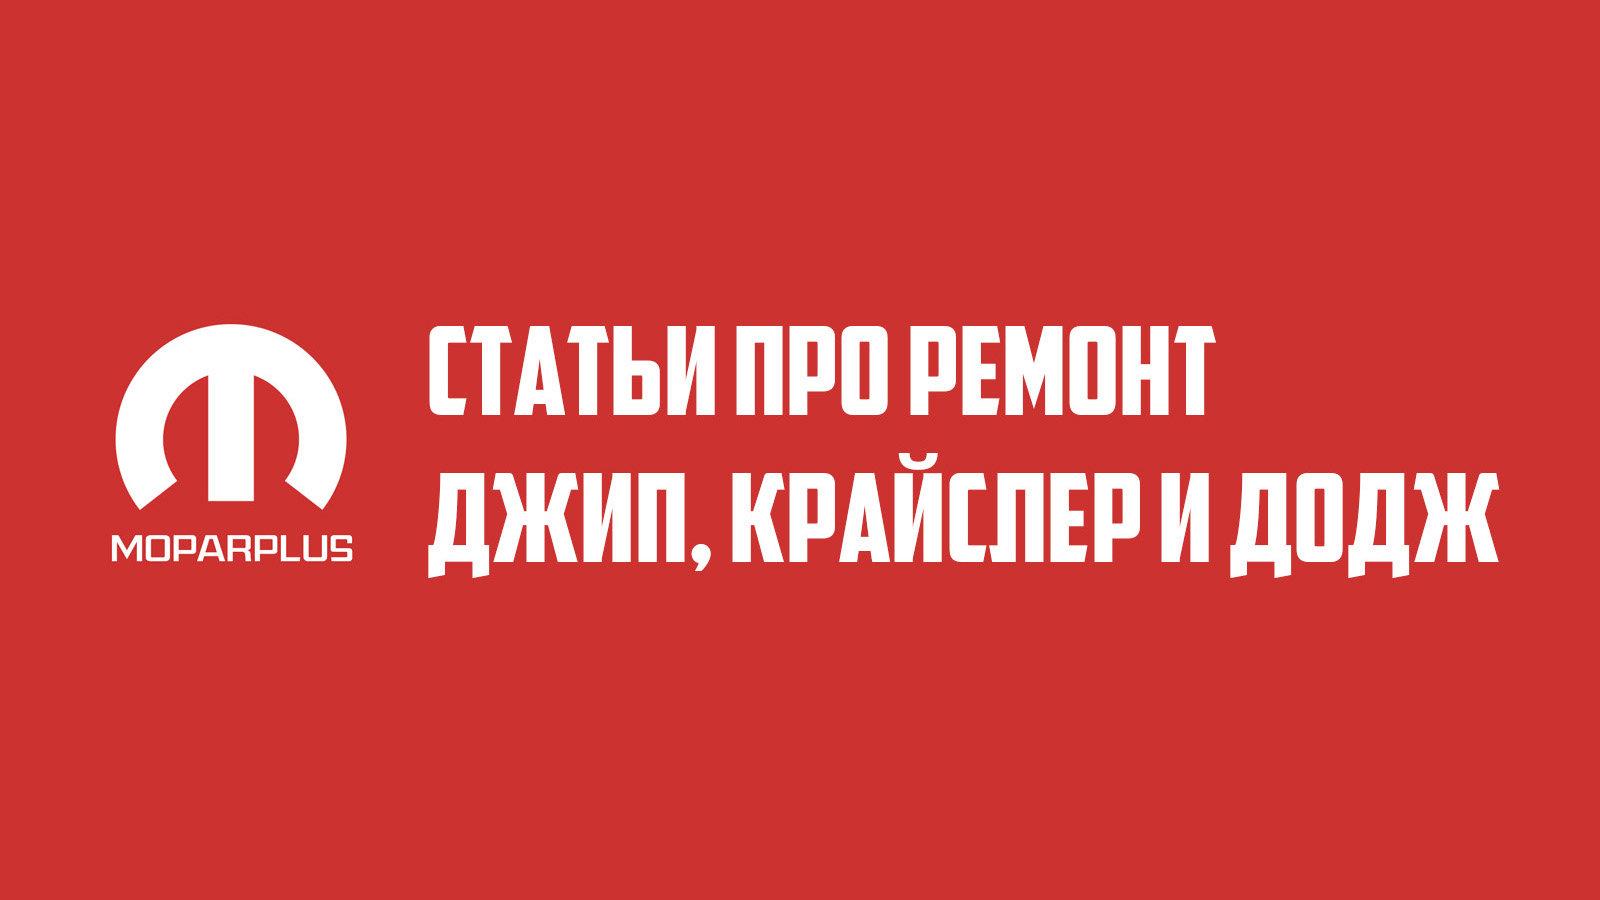 Статьи про ремонт. Выпуск №38.